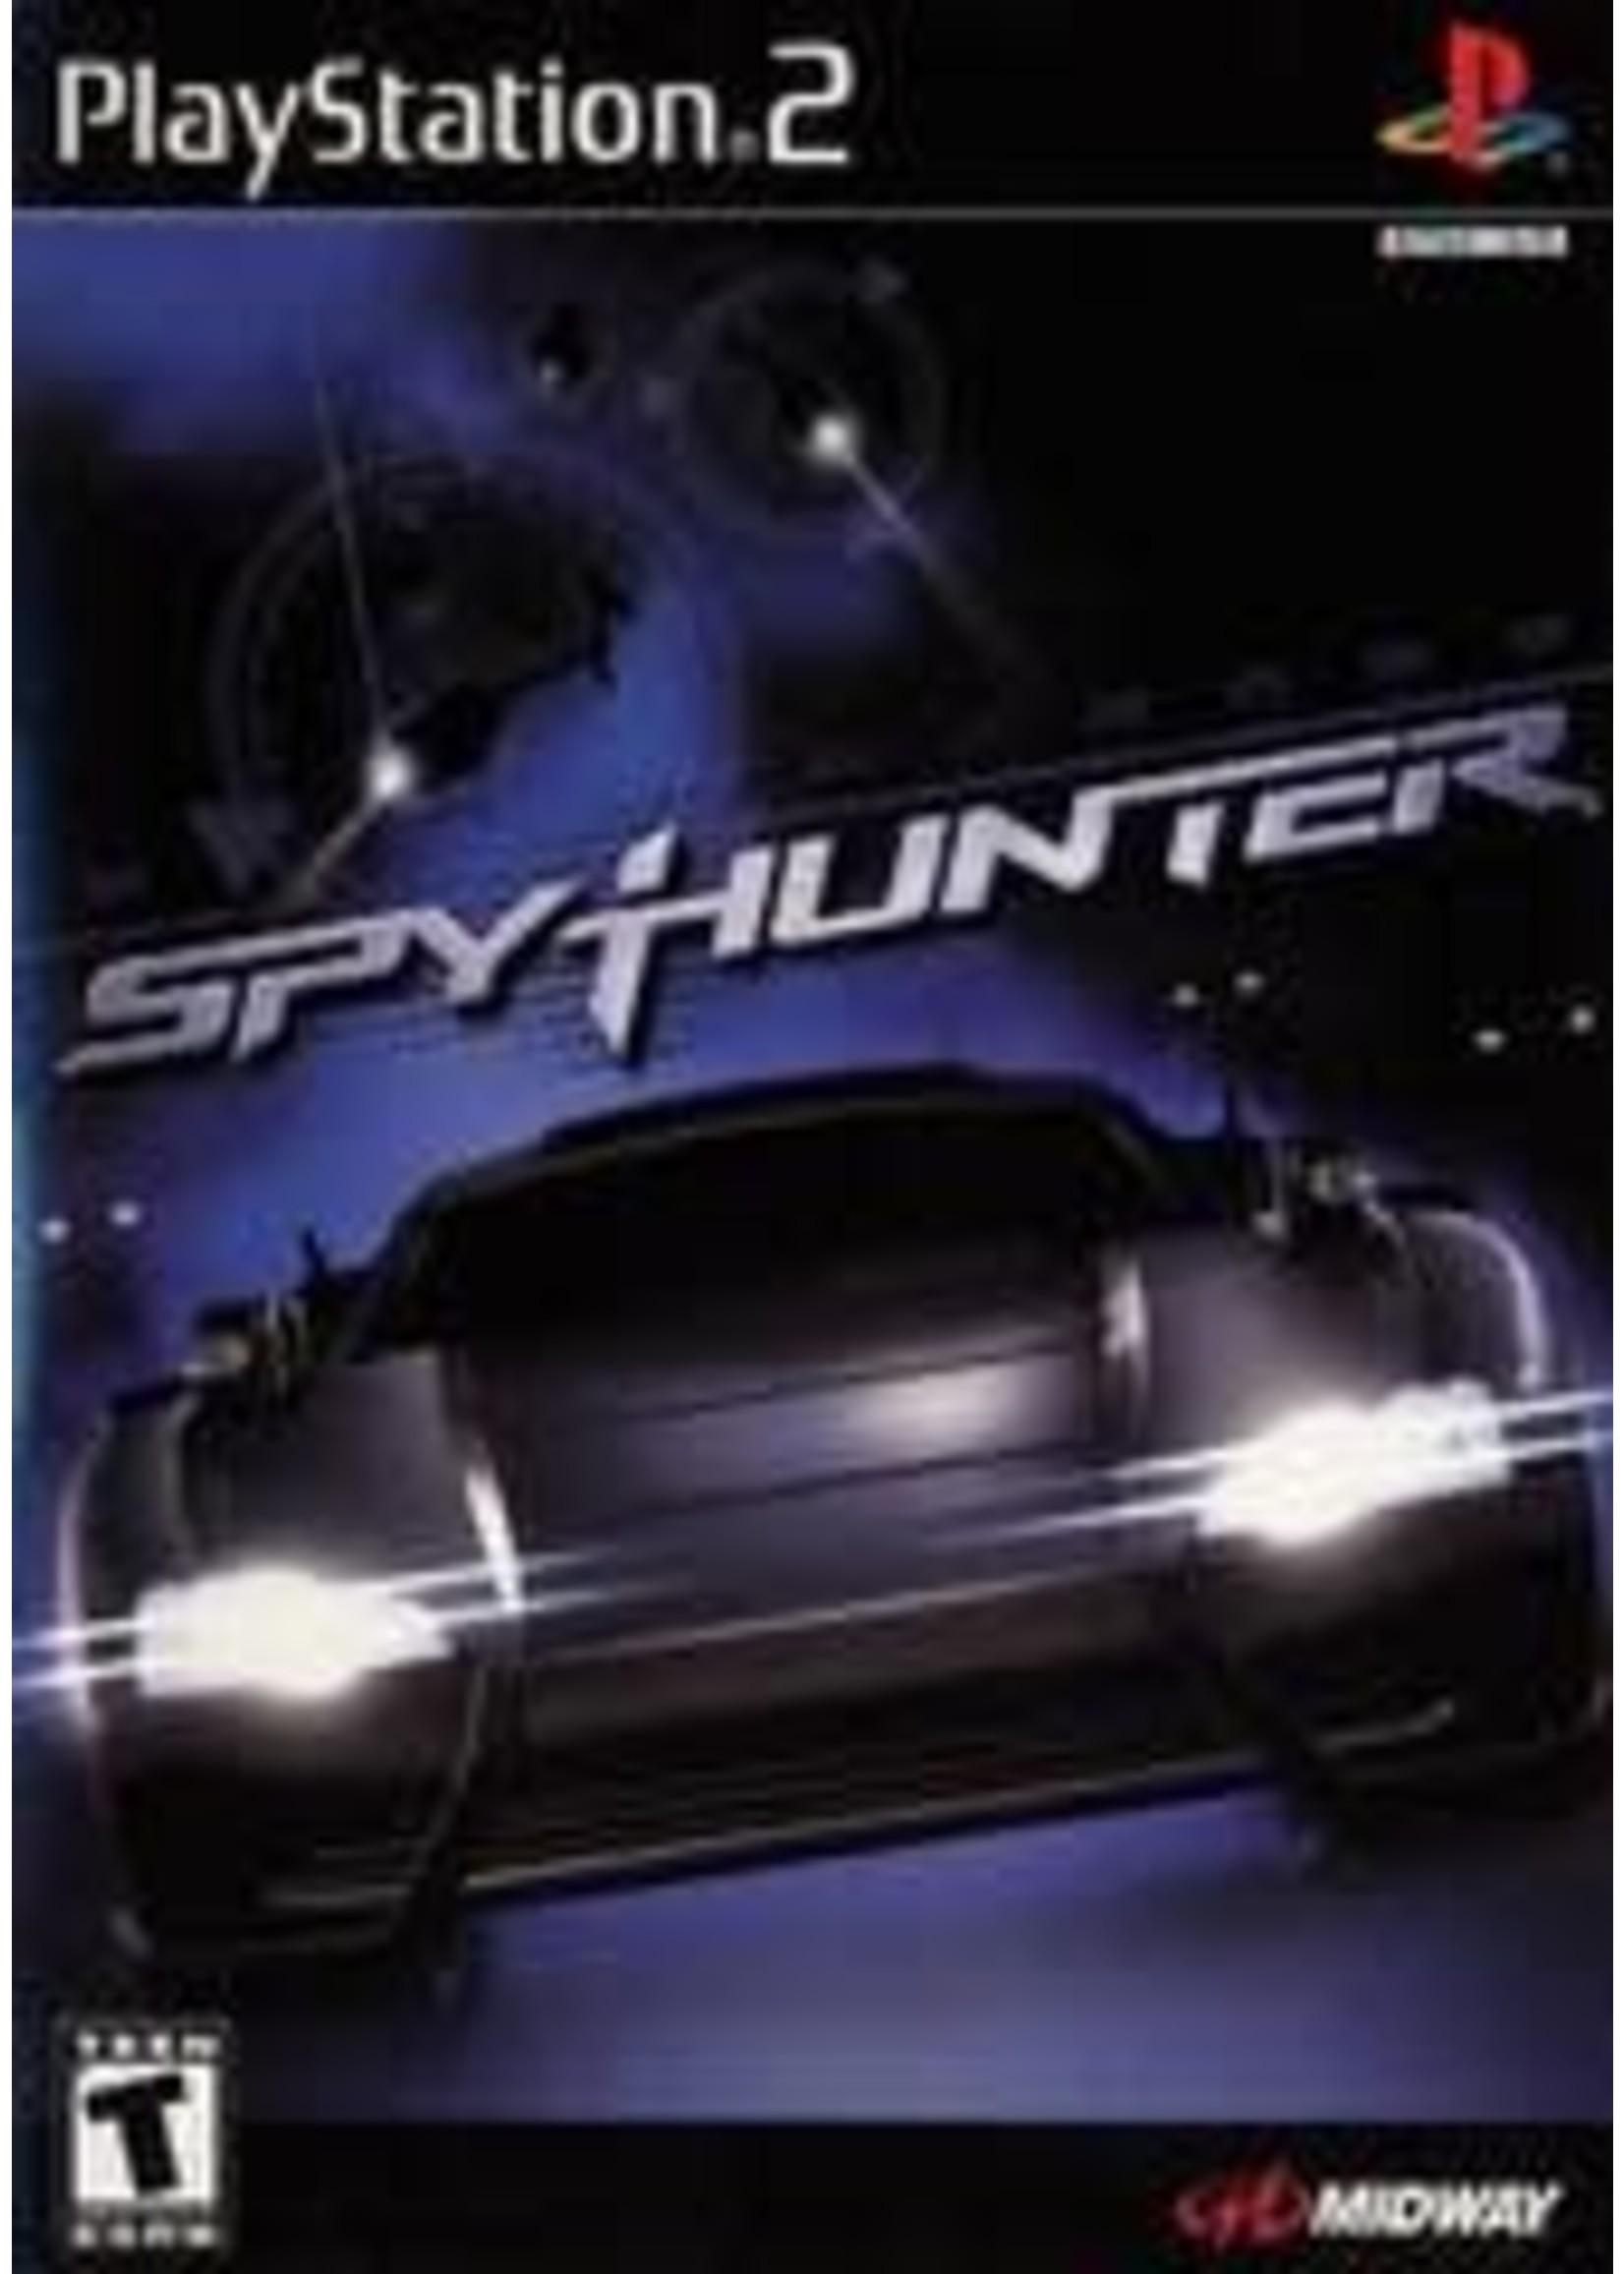 Spy Hunter Playstation 2